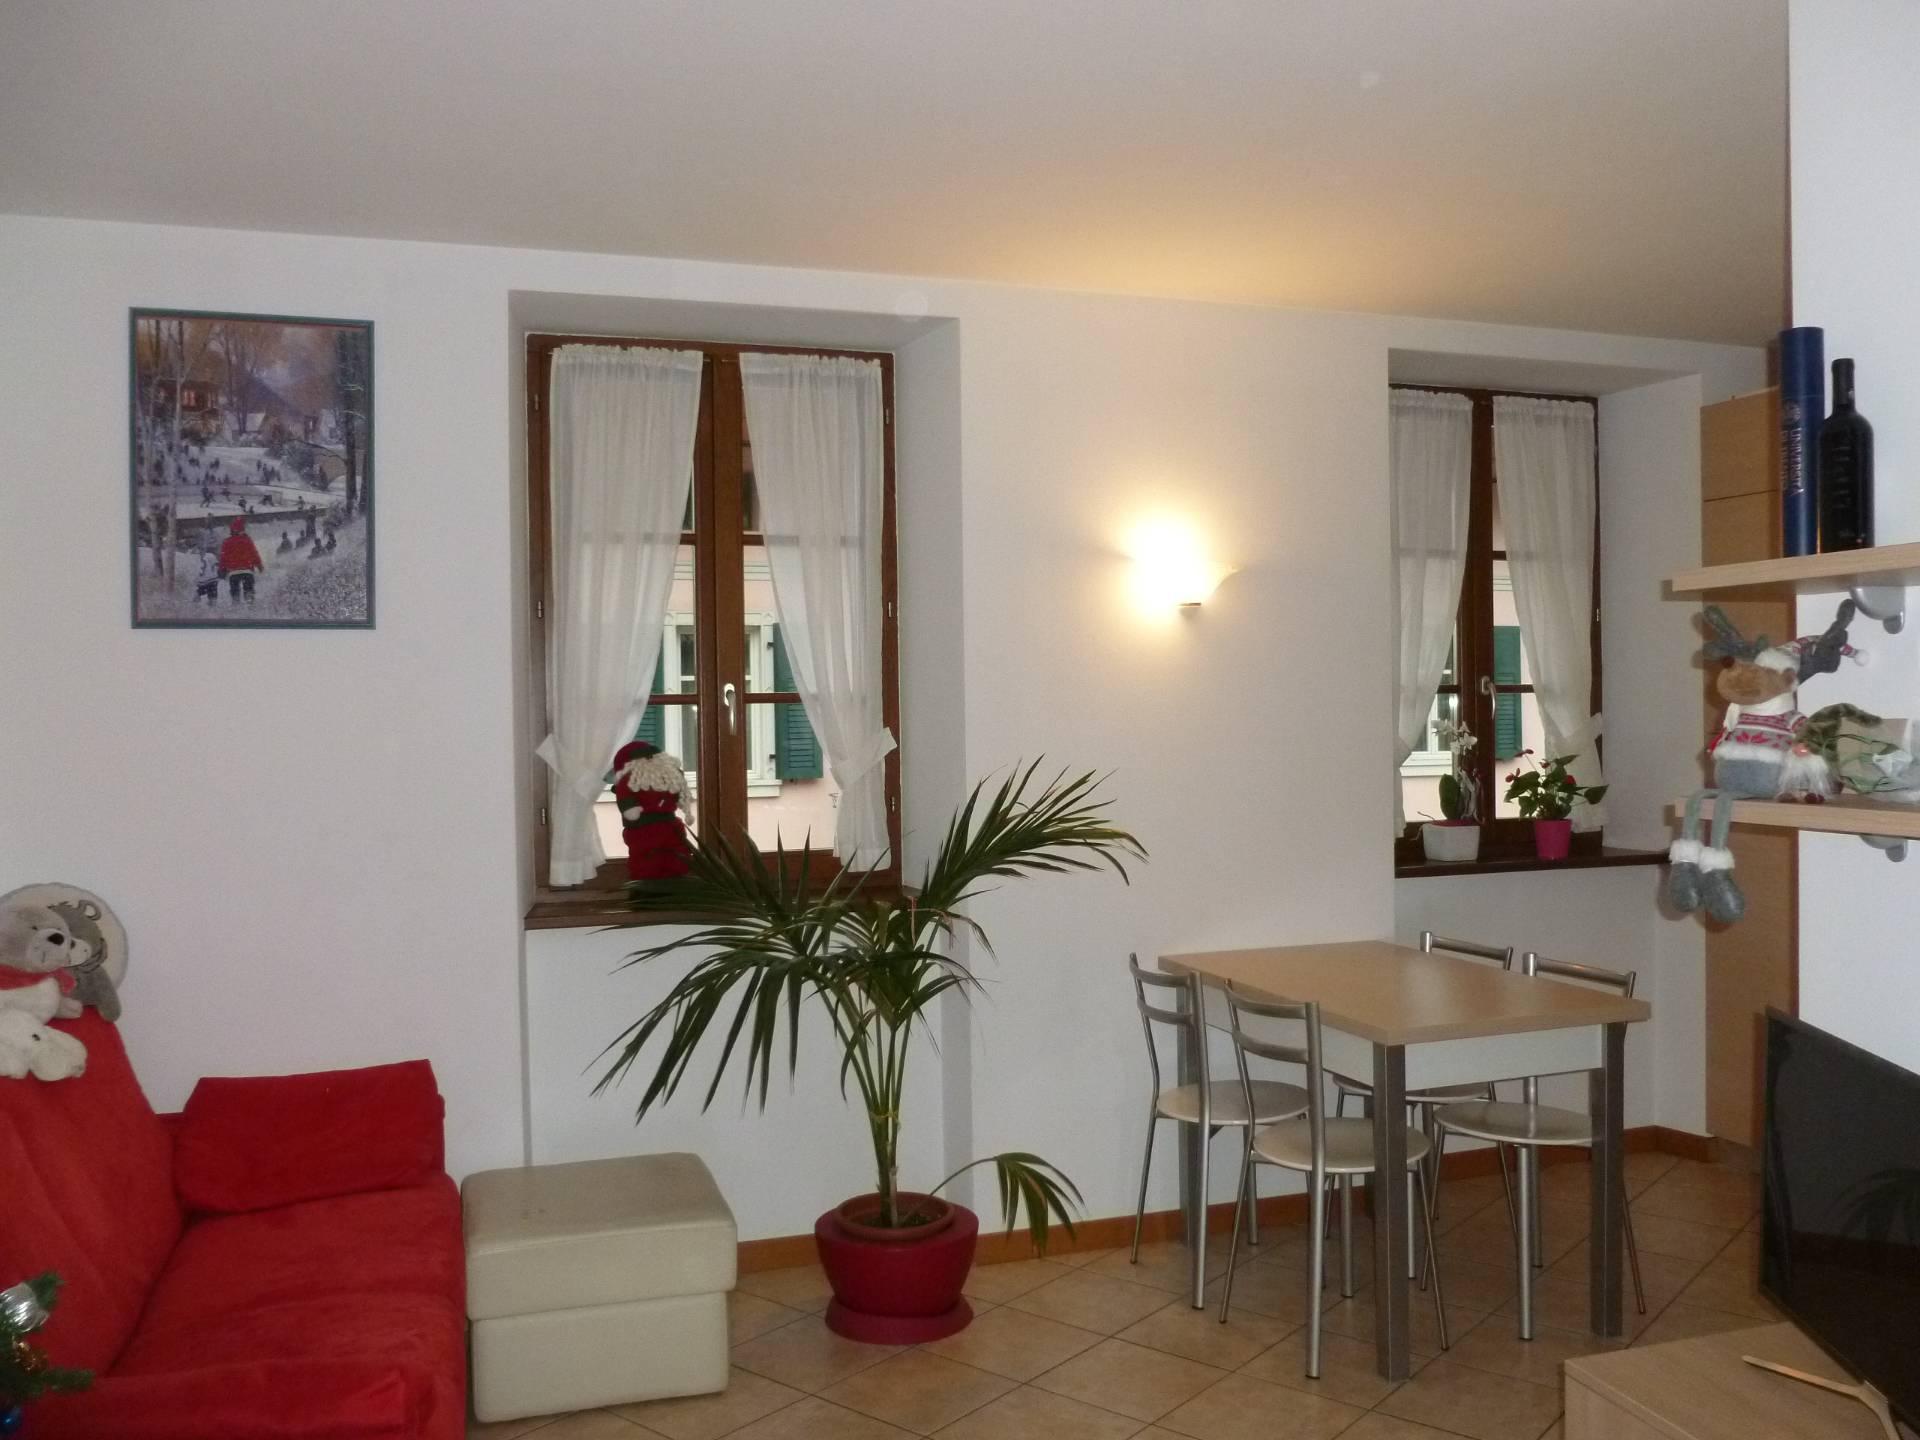 Appartamento in vendita a Tione di Trento, 2 locali, prezzo € 140.000 | CambioCasa.it